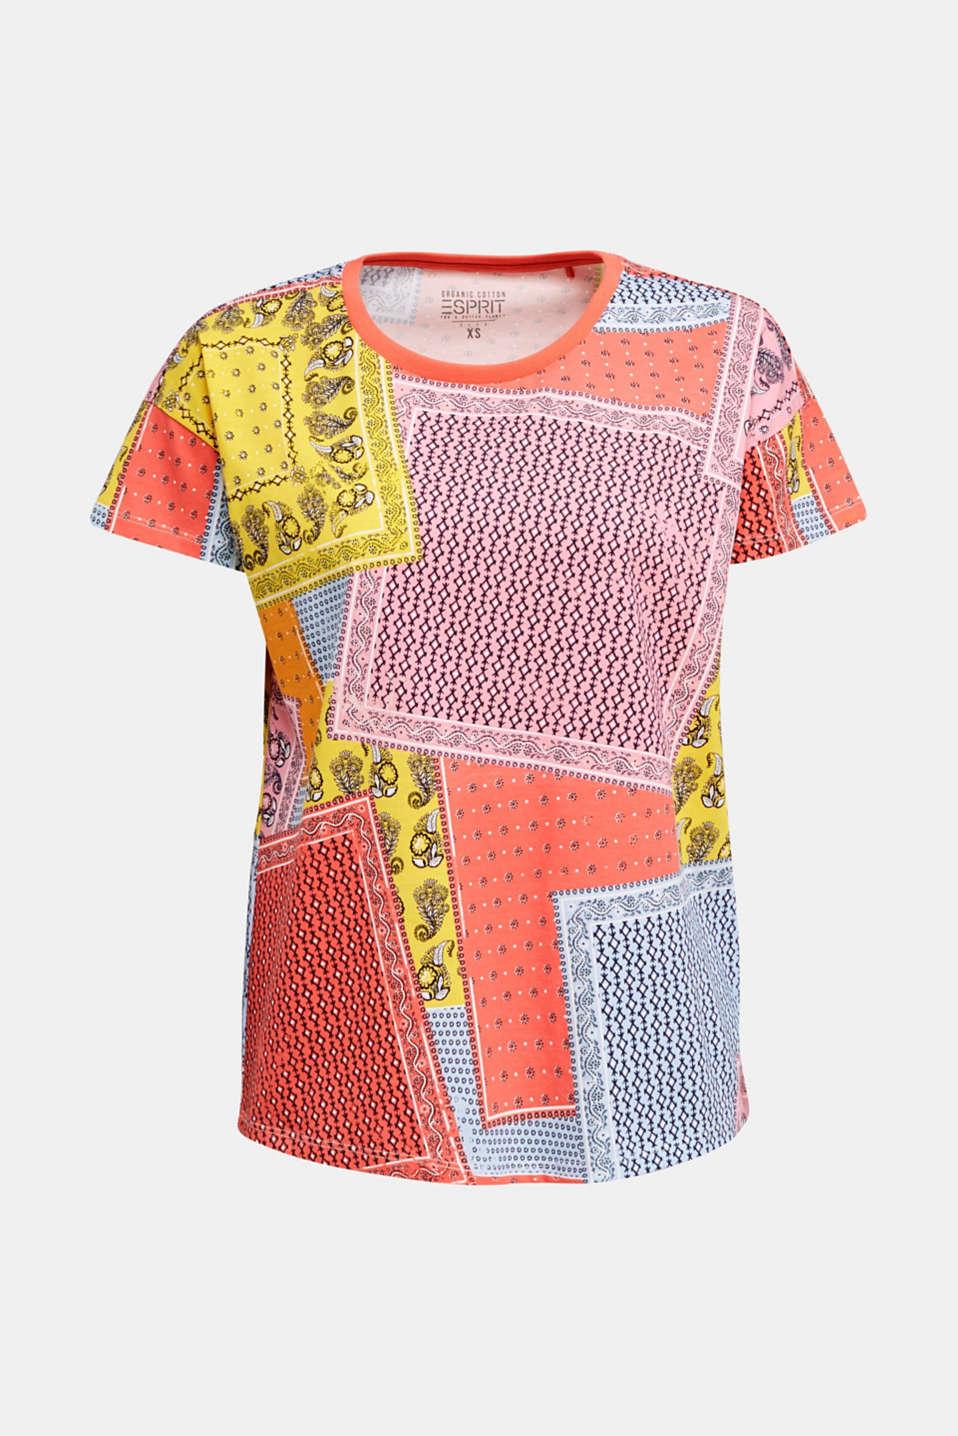 Bandana print top, organic cotton, PINK, detail image number 4